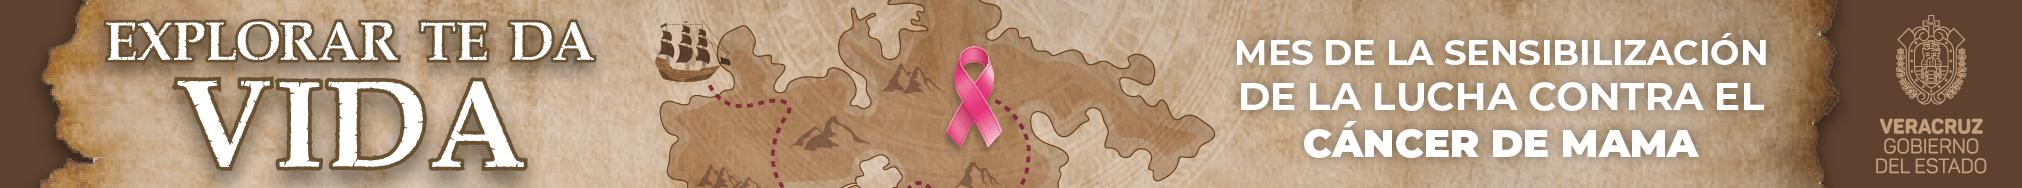 092821-EXPLORAR TE DA VIDA-Cancer de mama-SS-HUGO-BANNERS_V1_970x90